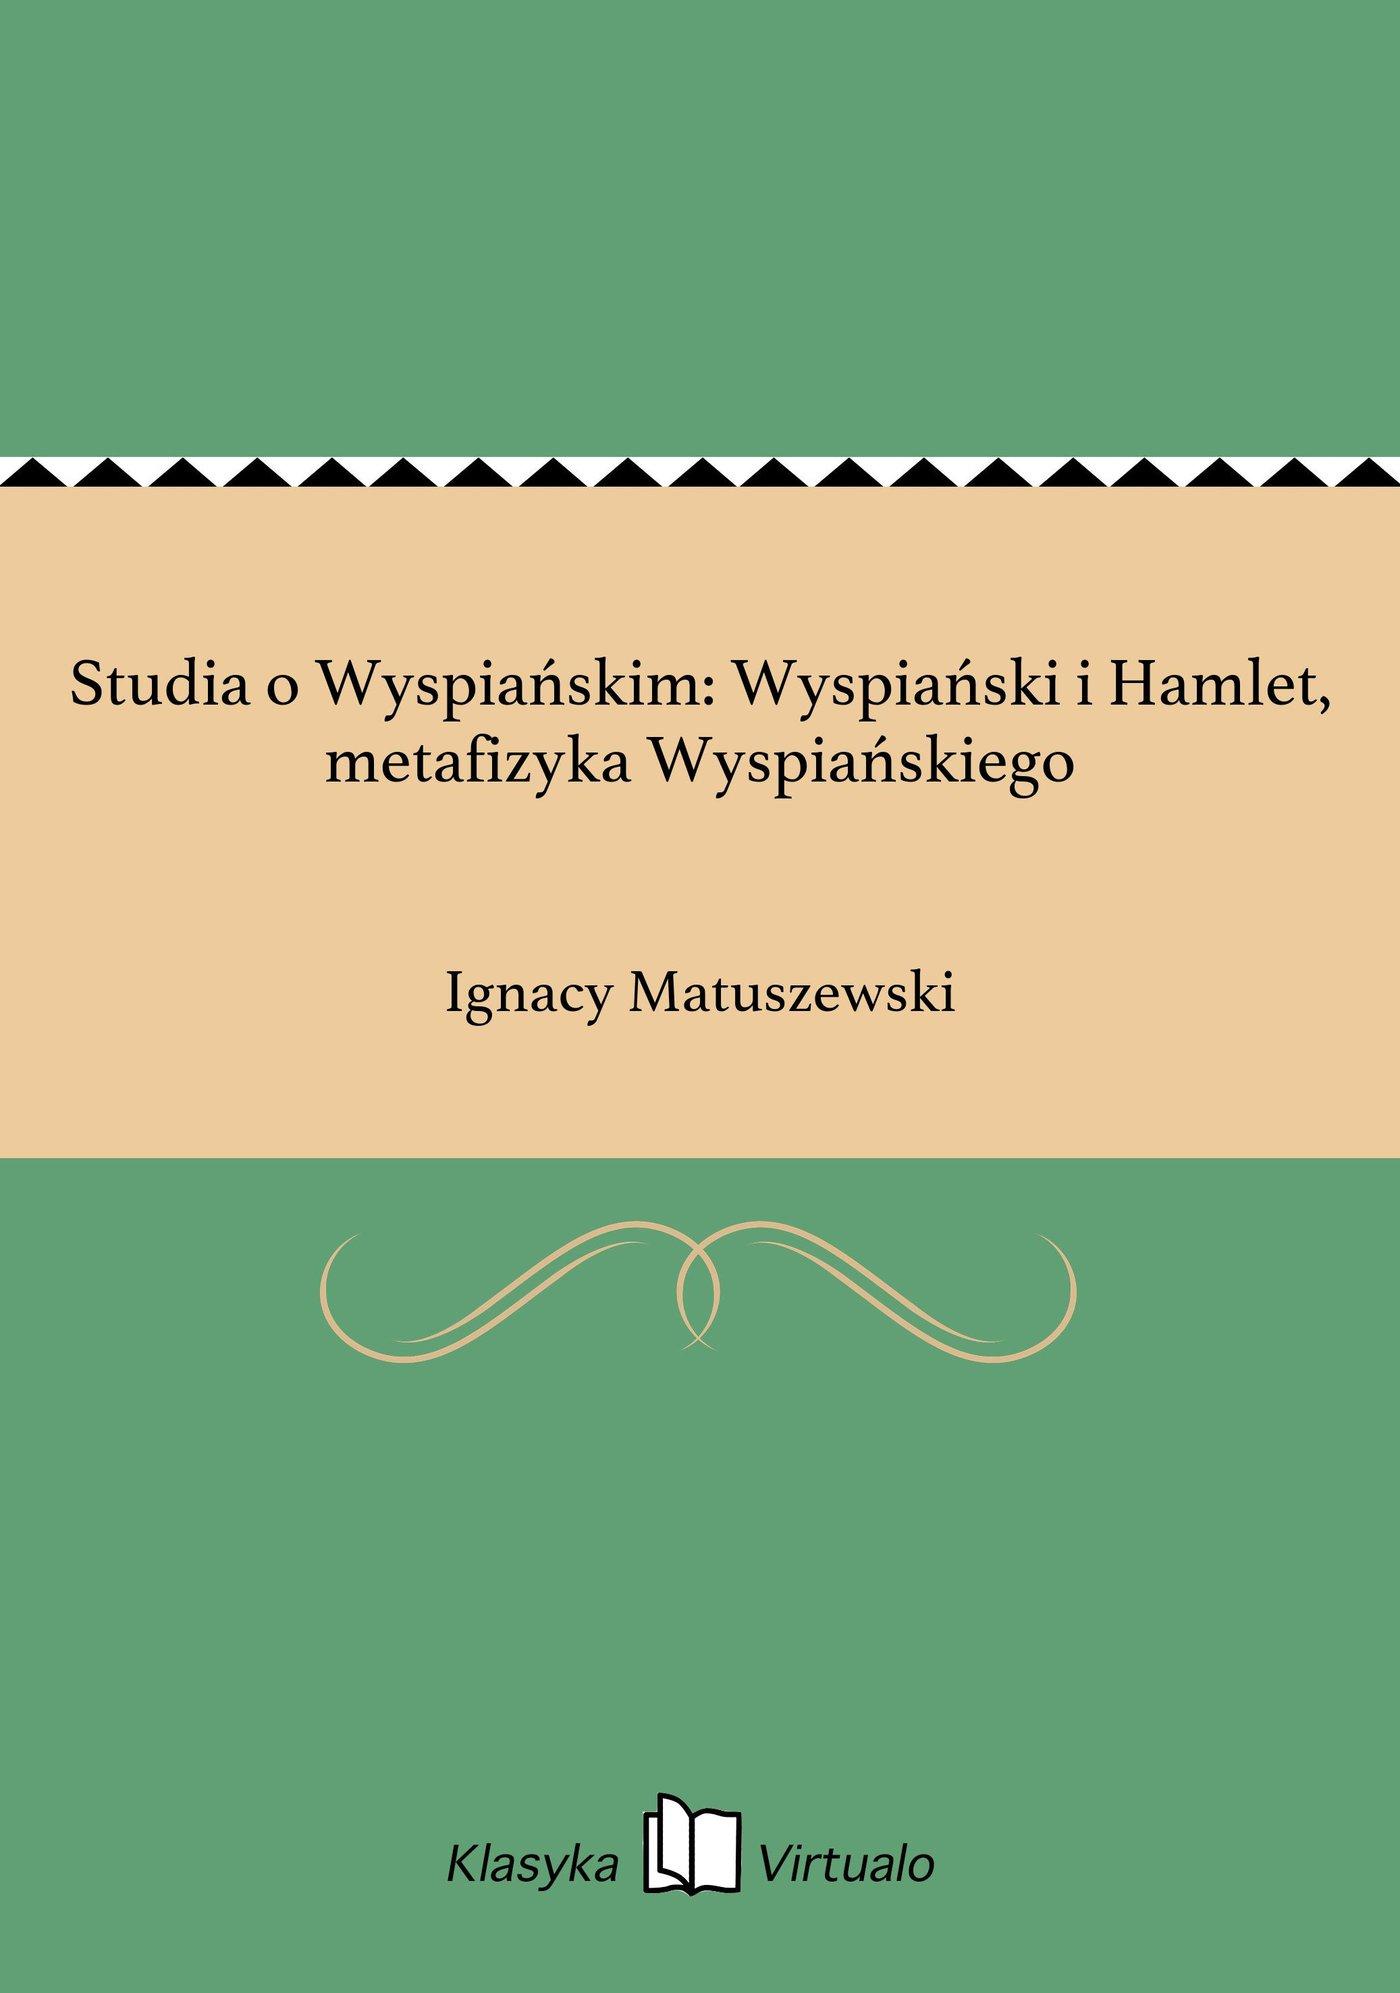 Studia o Wyspiańskim: Wyspiański i Hamlet, metafizyka Wyspiańskiego - Ebook (Książka na Kindle) do pobrania w formacie MOBI